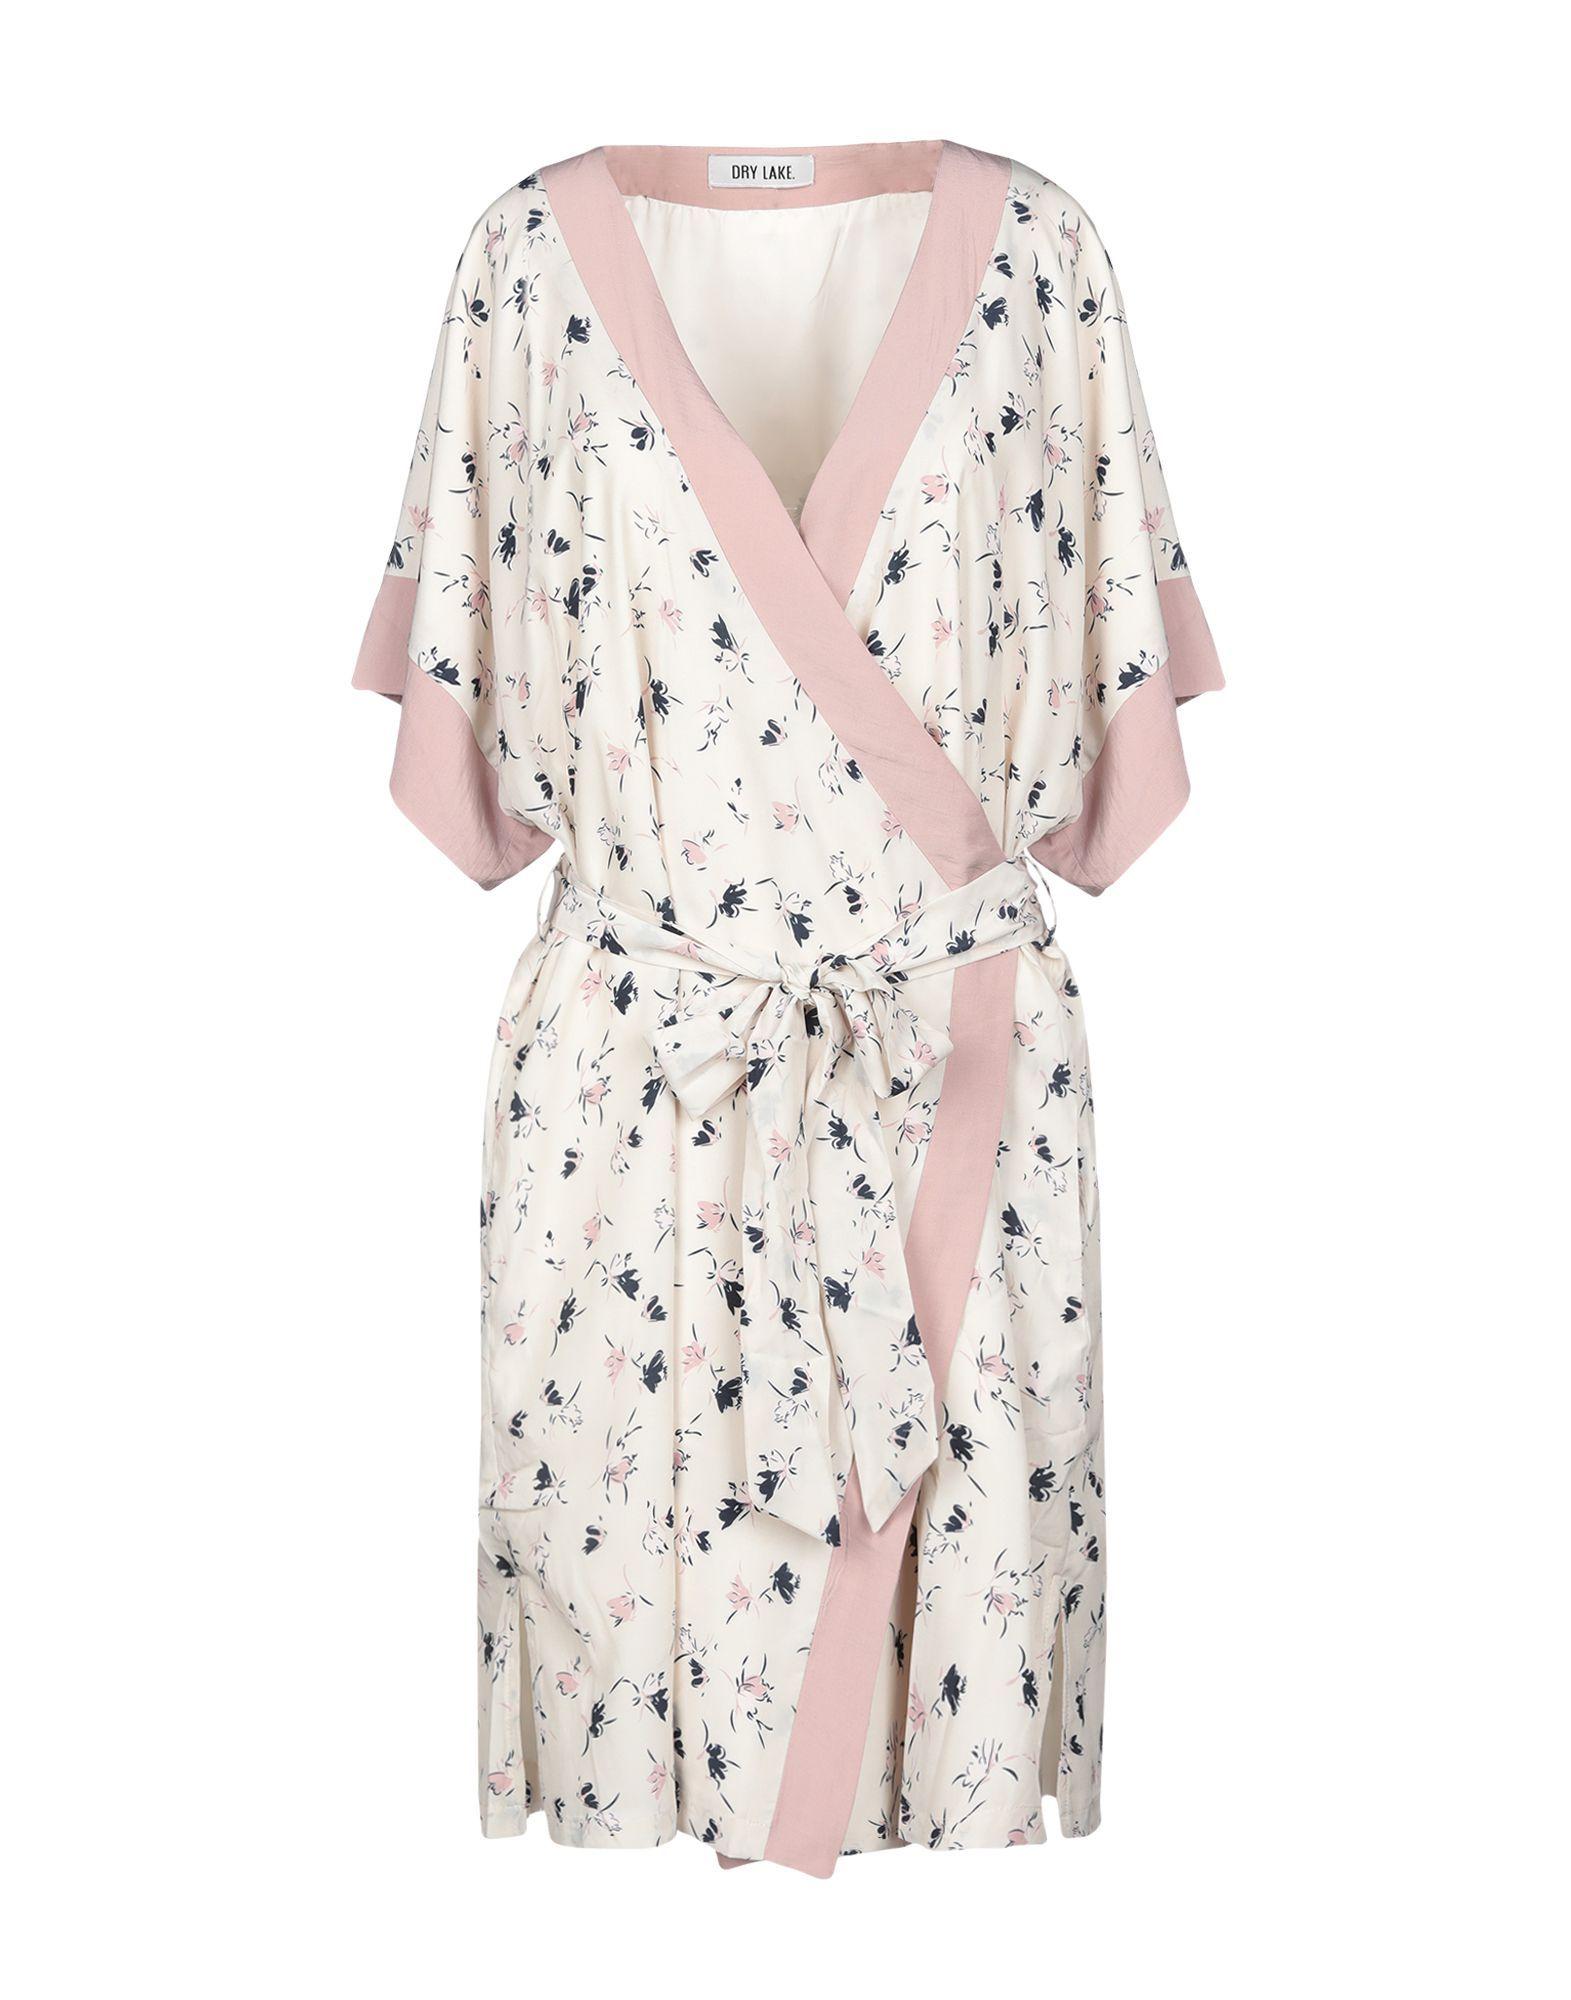 Dry Lake. Beige Floral Print Wrap Dress